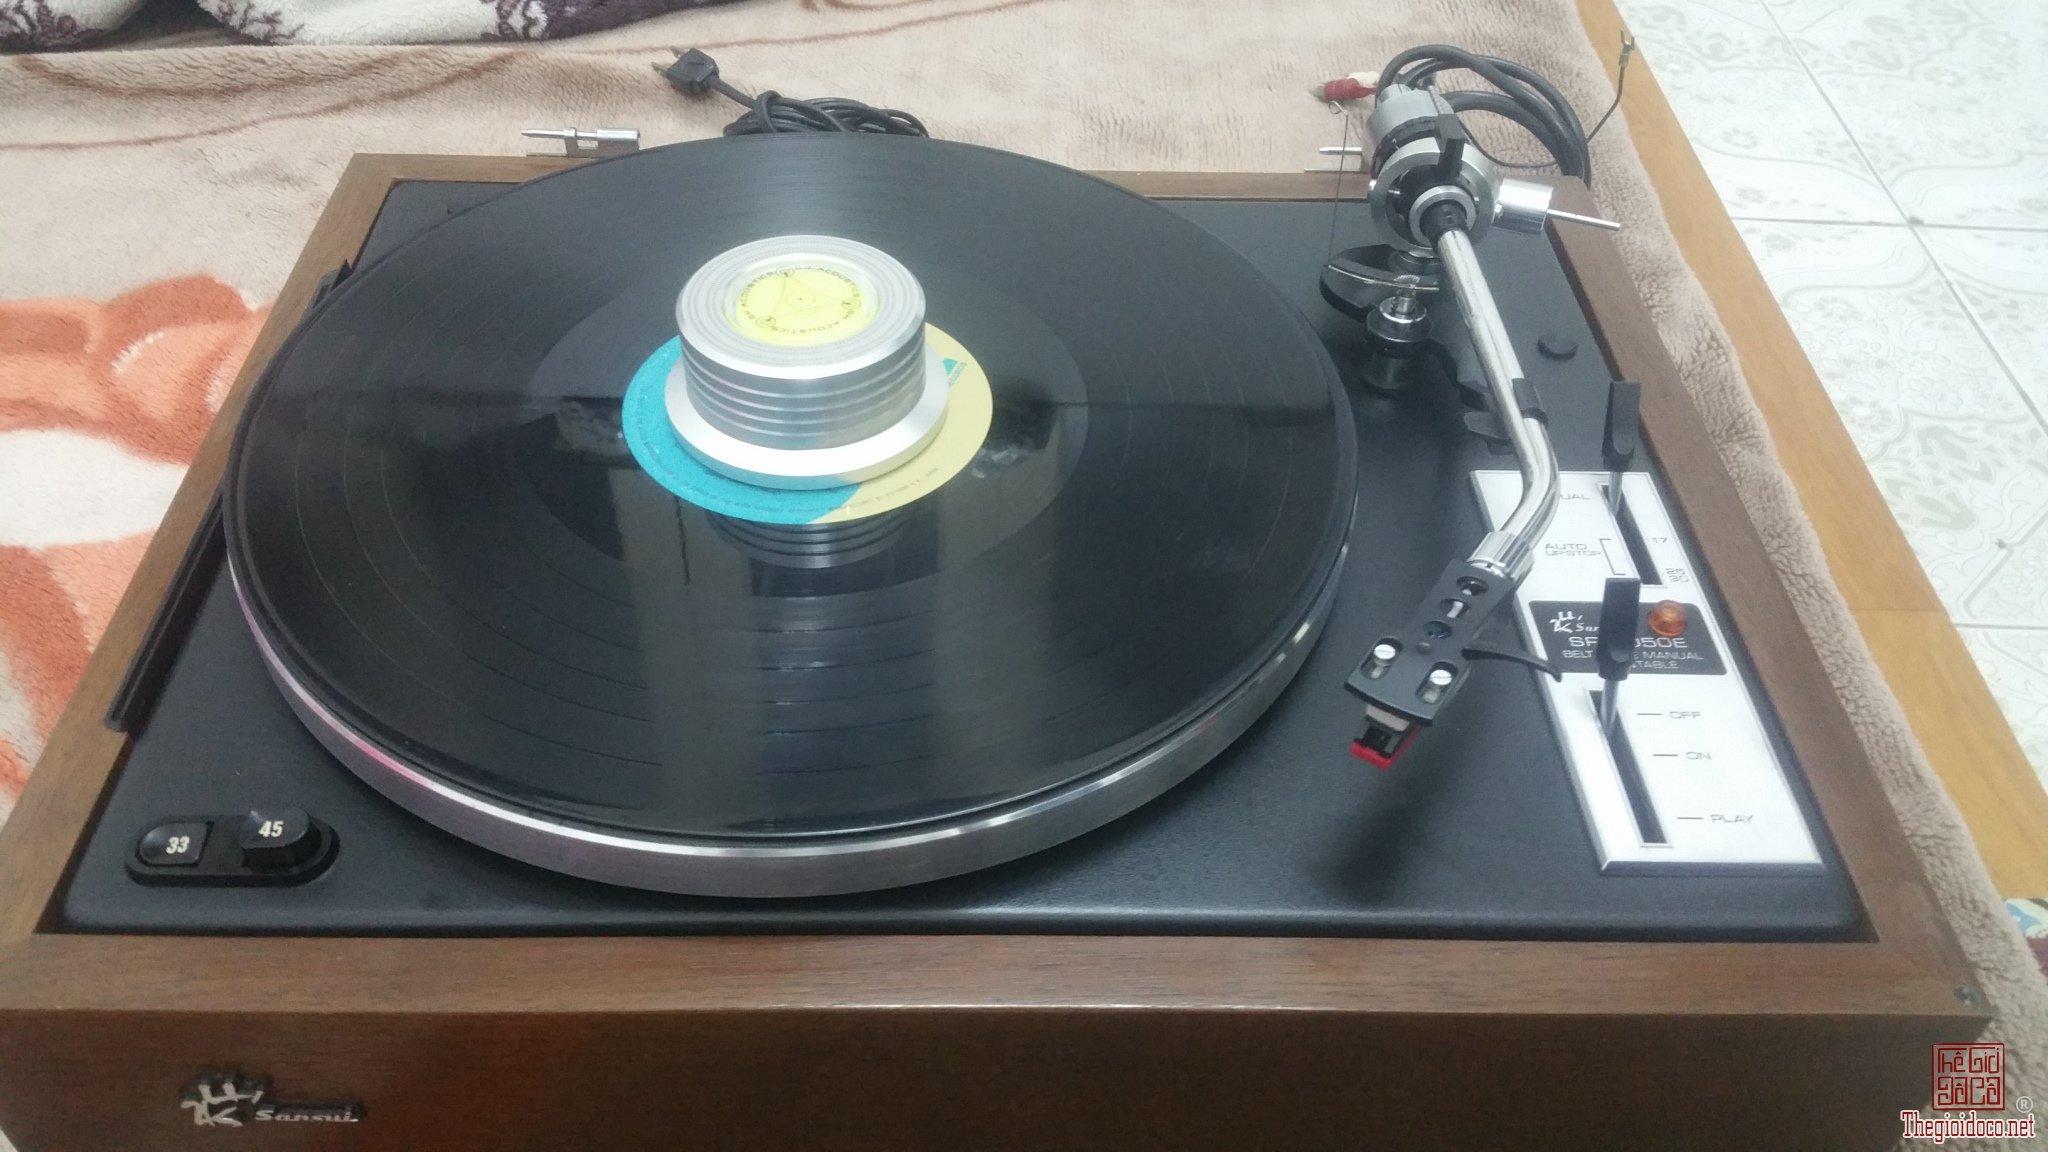 (Cục chặn 3 trong 1) giúp kiểm tra và ổn định đĩa than LP giá bán = 380 nghìn đồng